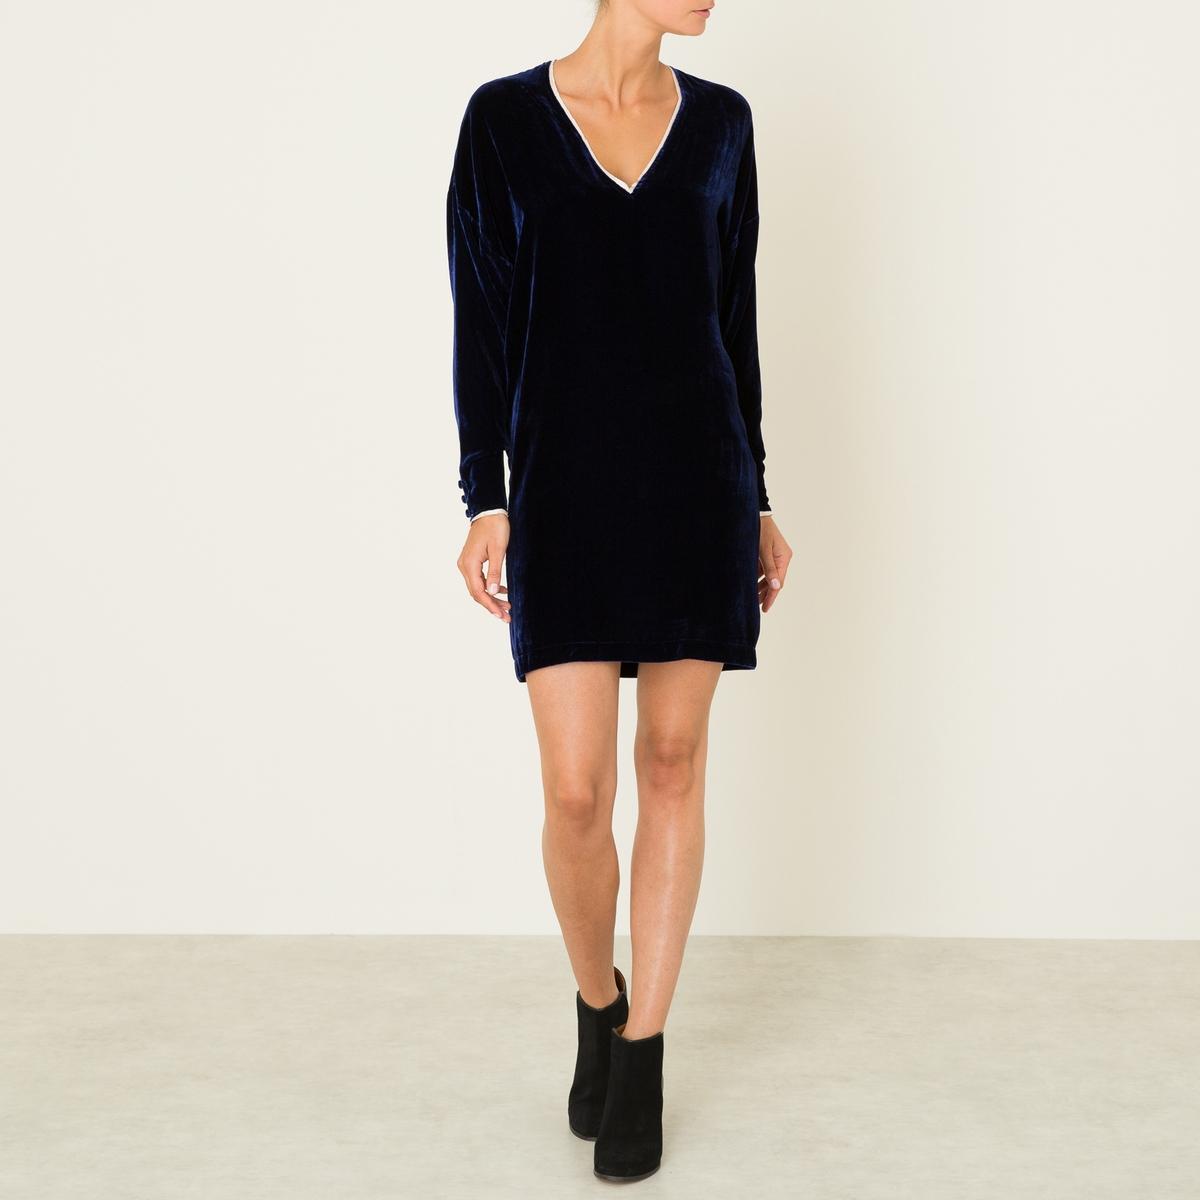 Платье VICKY DRESSСостав и описание Материал : 82% вискозы, 18% шелка Длина : 94 см. (для размера 36) Марка : MES DEMOISELLES<br><br>Цвет: темно-синий